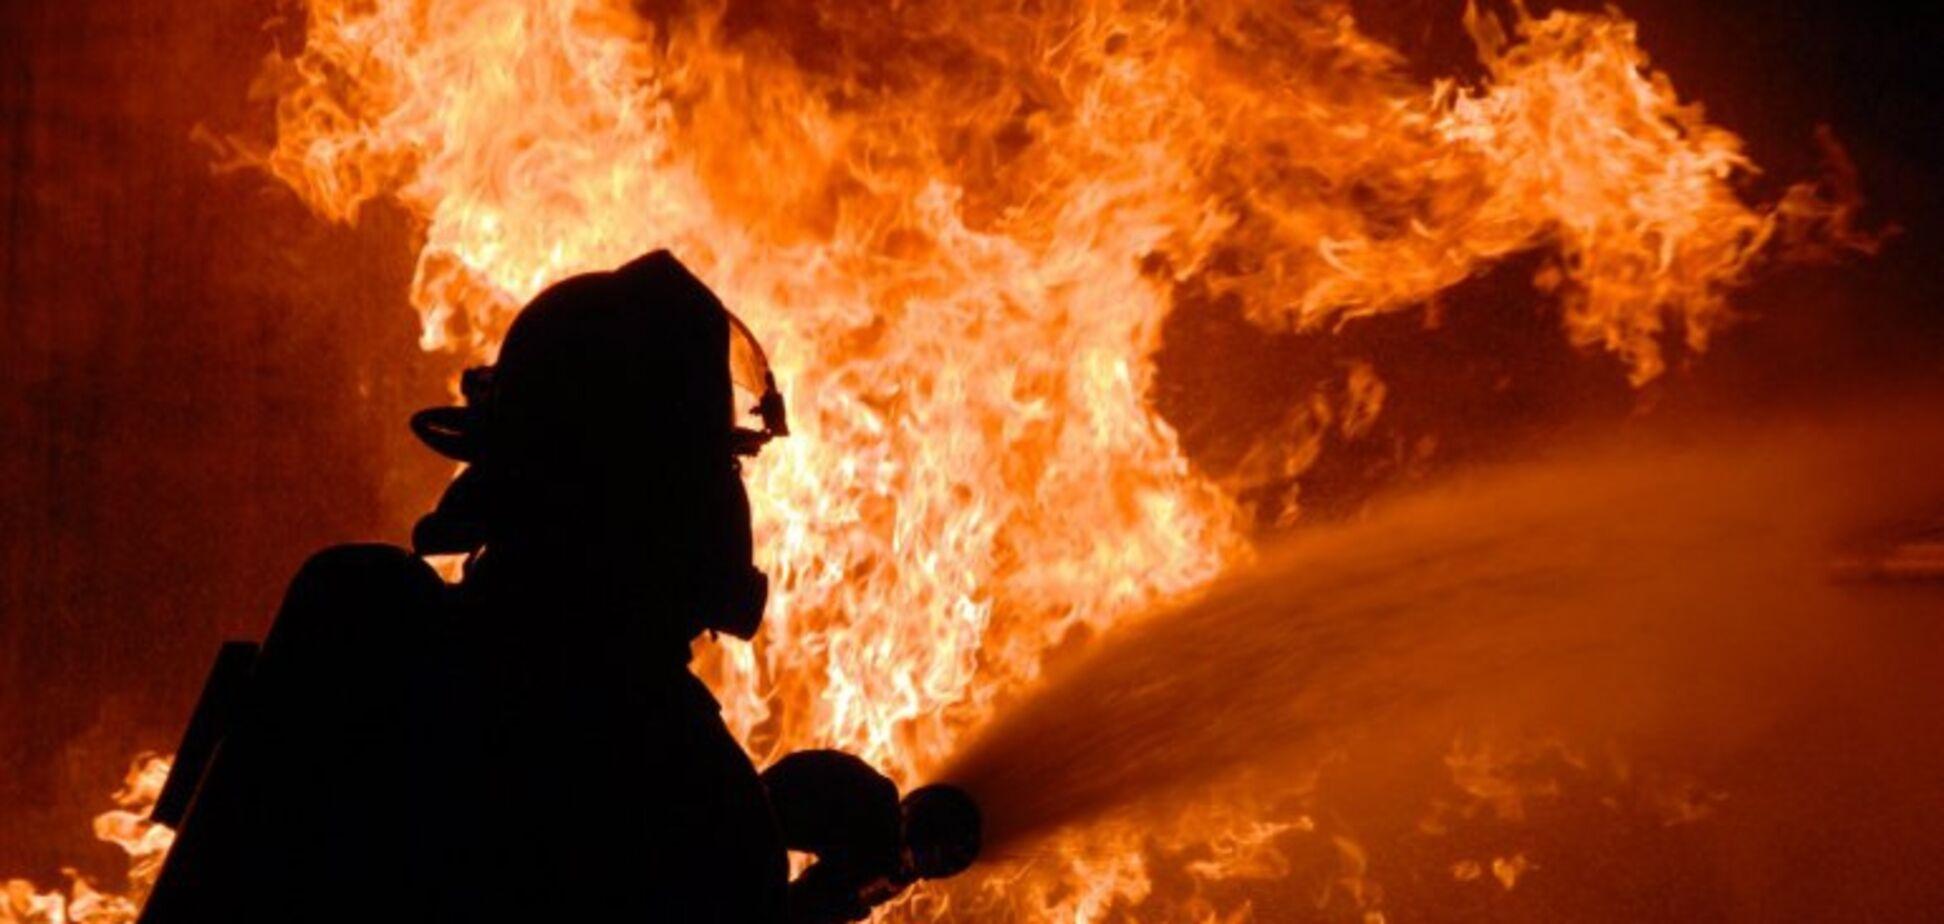 В Україні посилять відповідальність за порушення правил пожежної безпеки